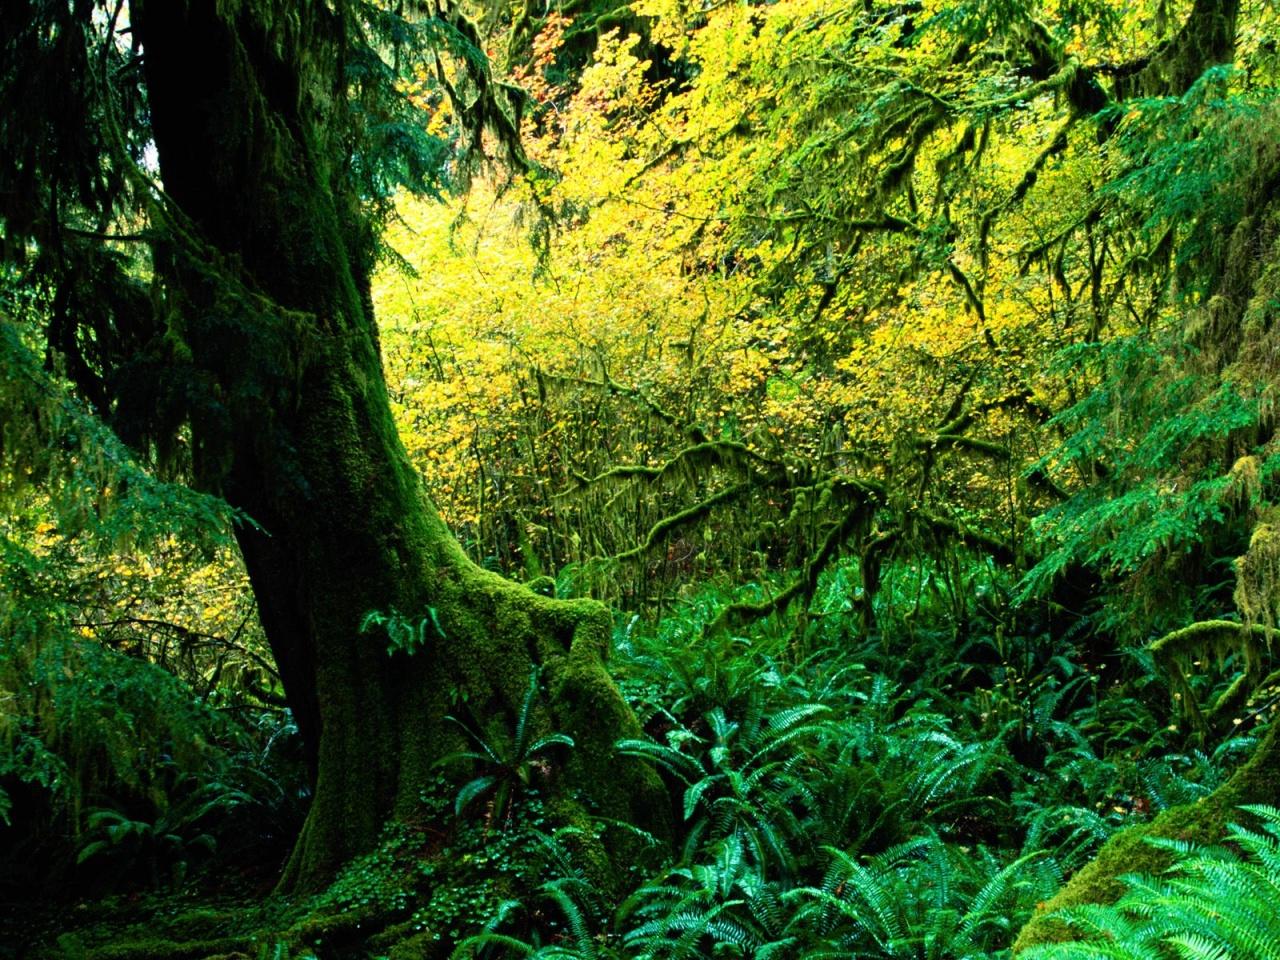 rainforest photos